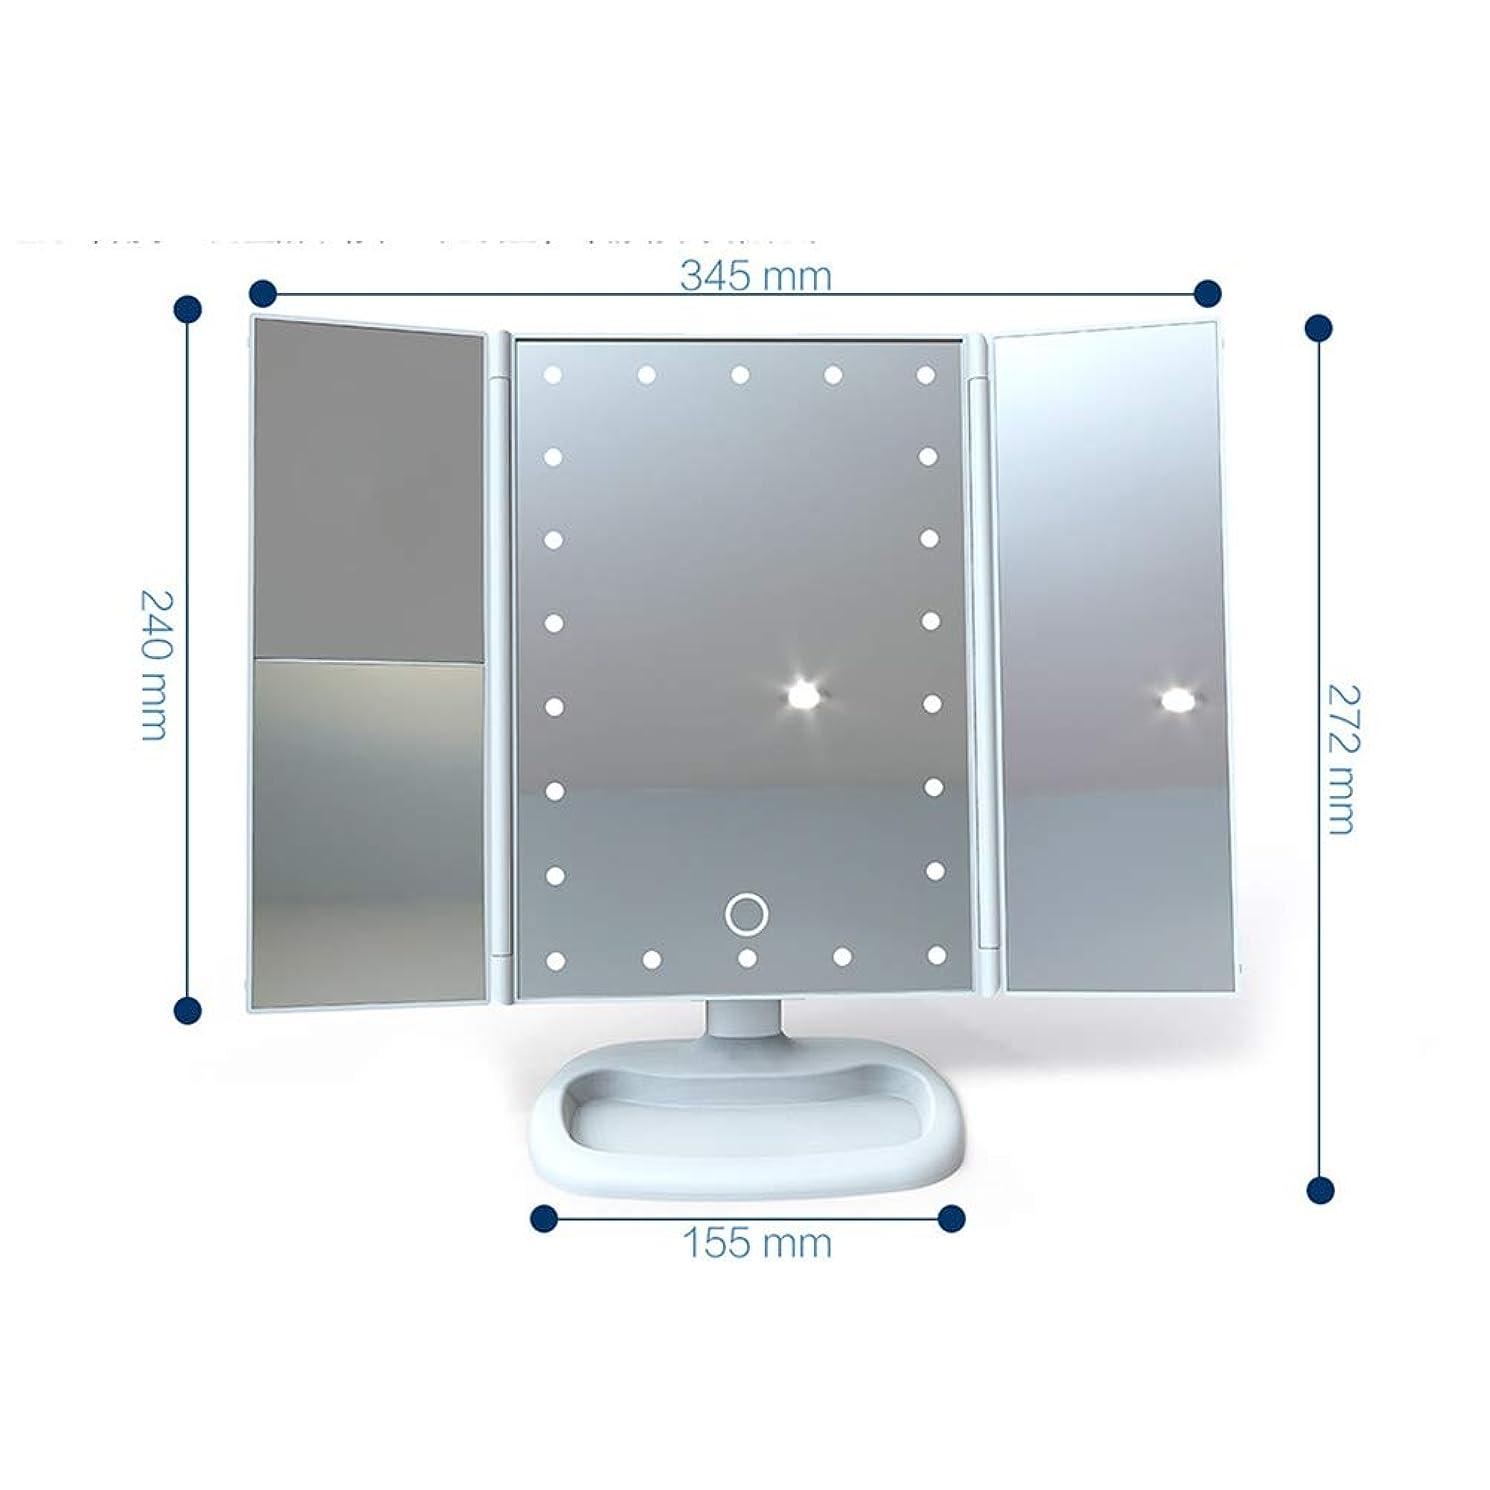 水差し無限イディオムGEABQJ 化粧鏡 LEDフィルライト顕微鏡 三重折り デスクトップ 拡大鏡、 272x345x155mm (Color : White)